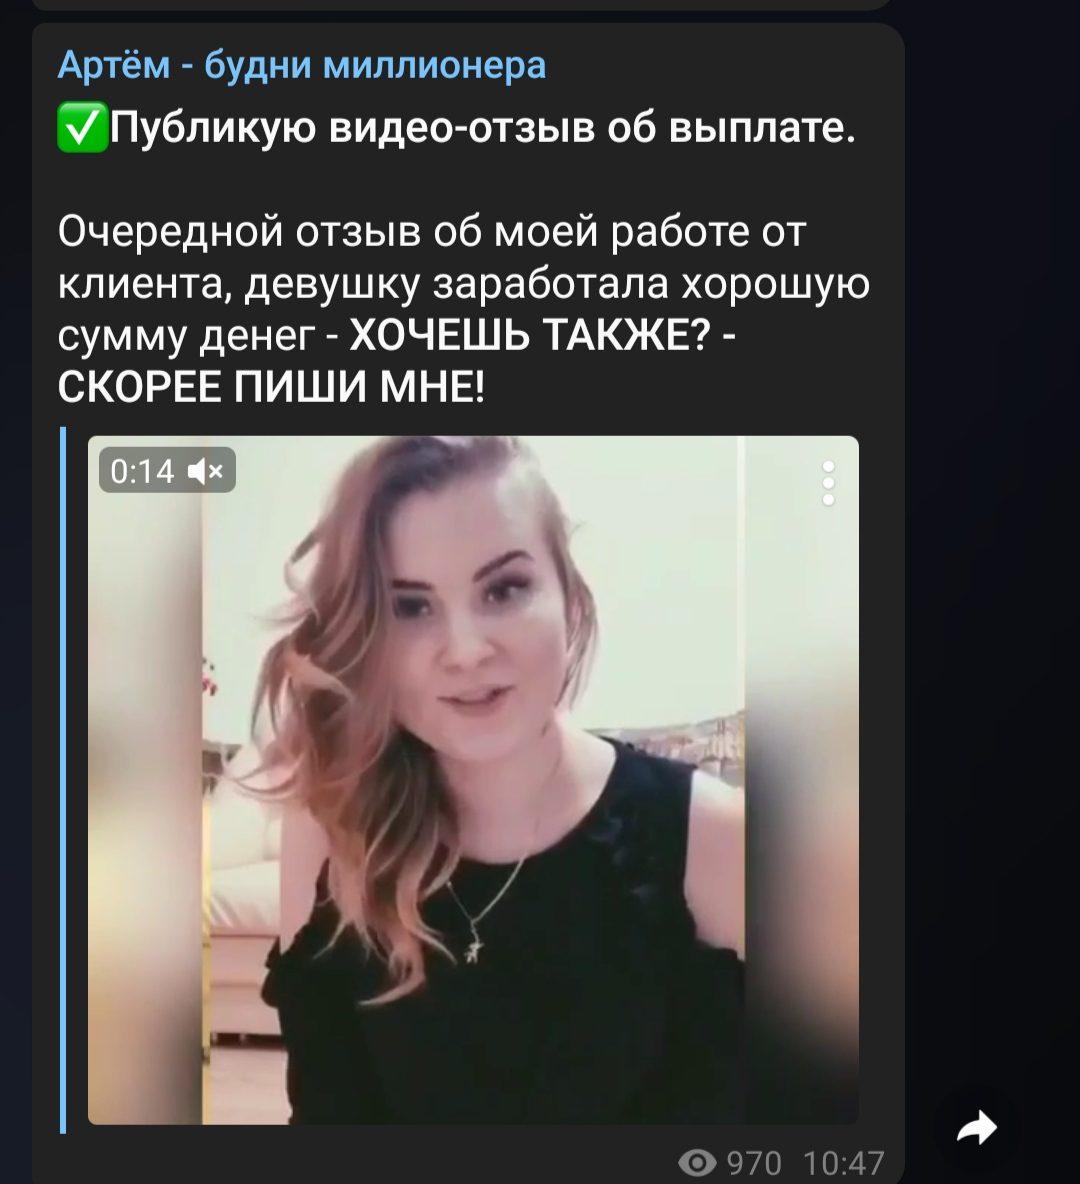 Видео отзывы о канале Артём – будни миллионера в Телеграмме